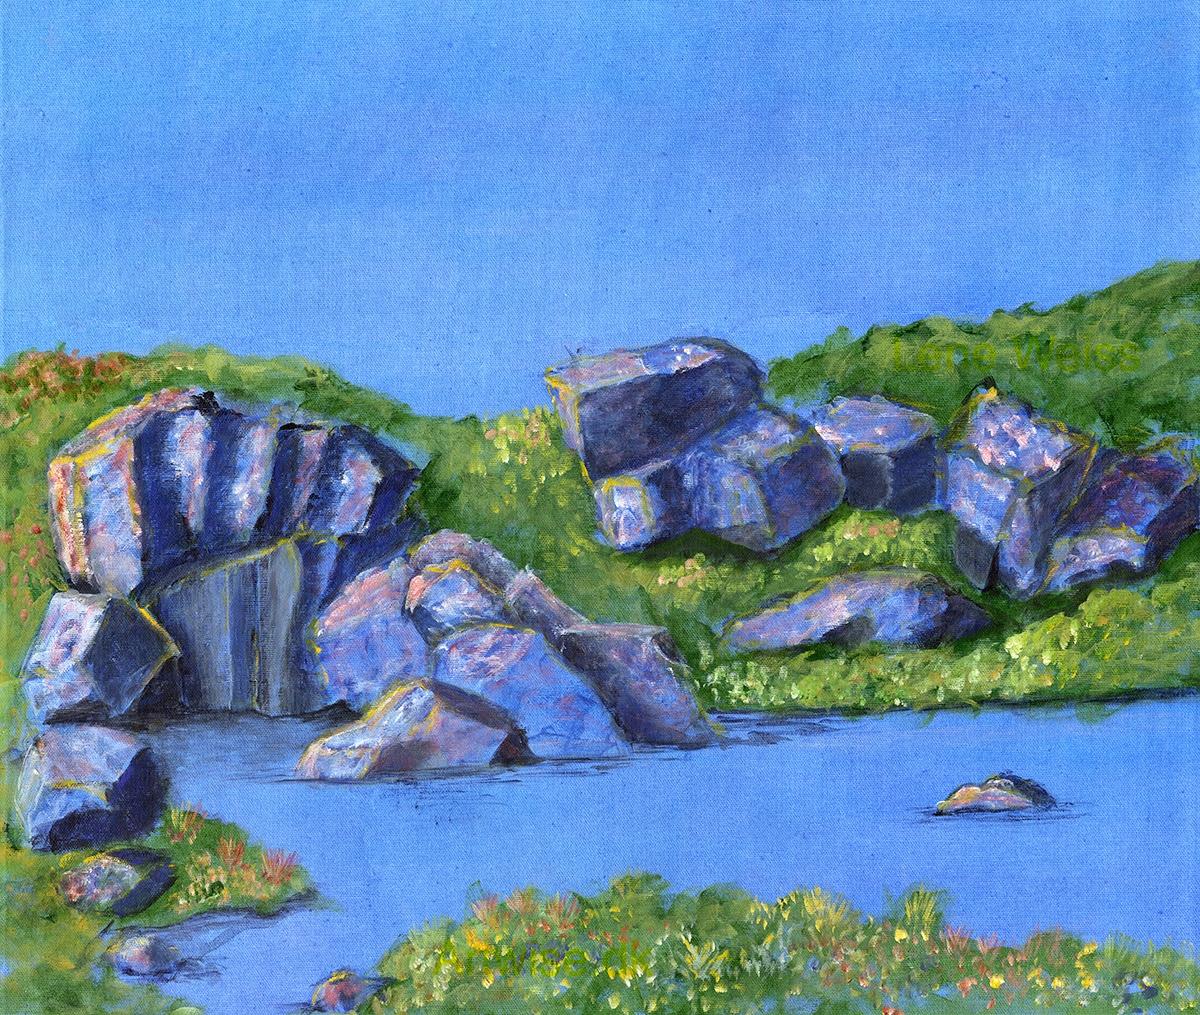 Blå omfavnelse (Blue embracement) | Maleri